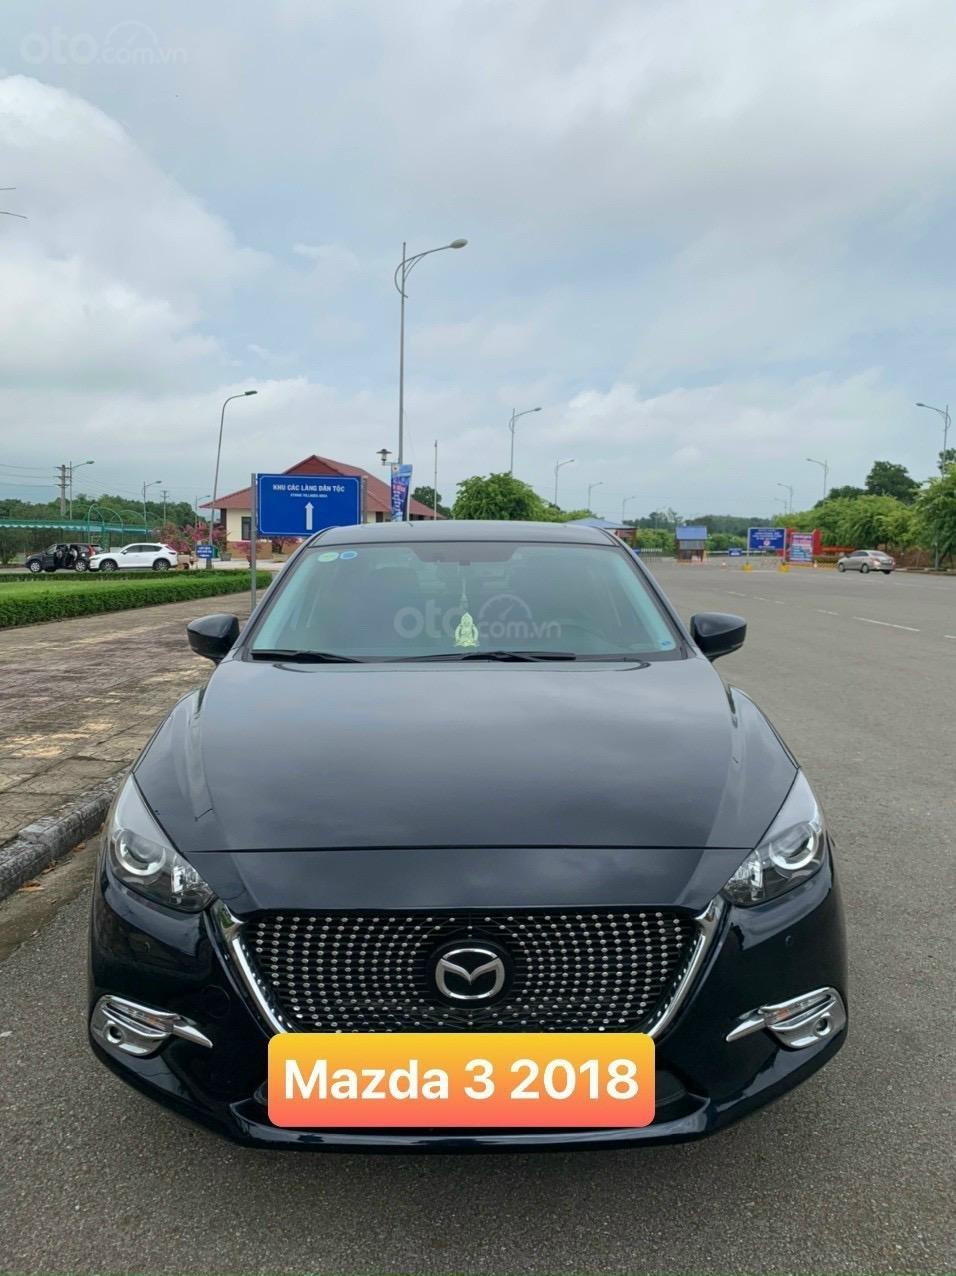 Mazda 1.5 AT sản xuất 2018, odo 29.000km (1)